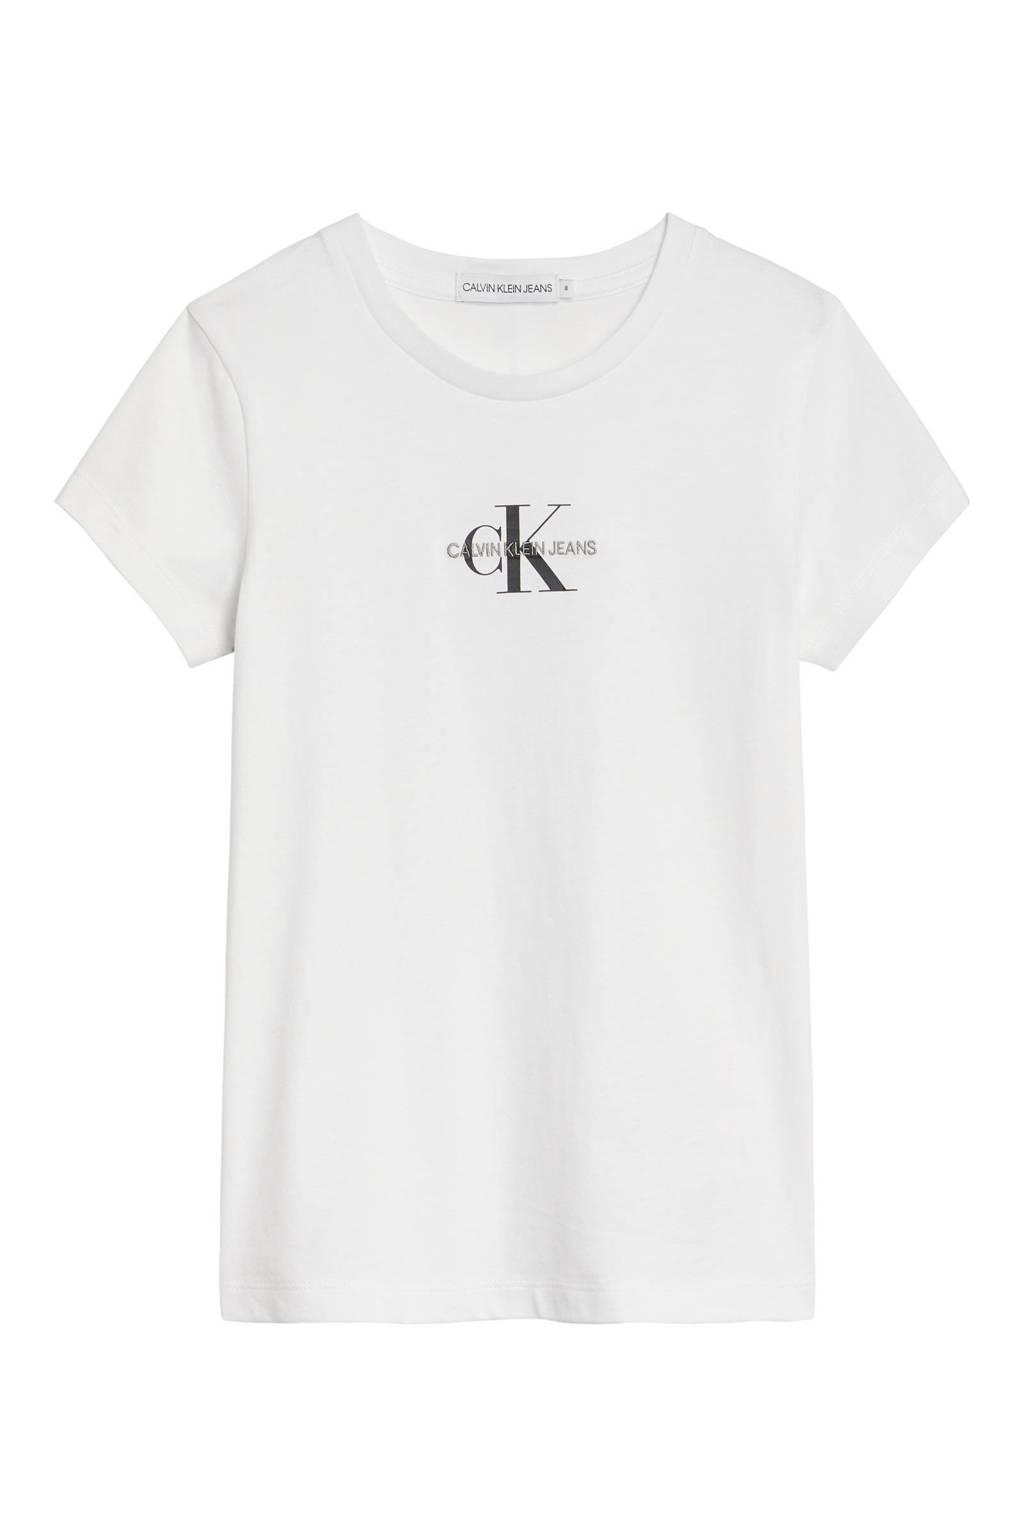 CALVIN KLEIN JEANS T-shirt Geen van biologisch katoen wit, Wit